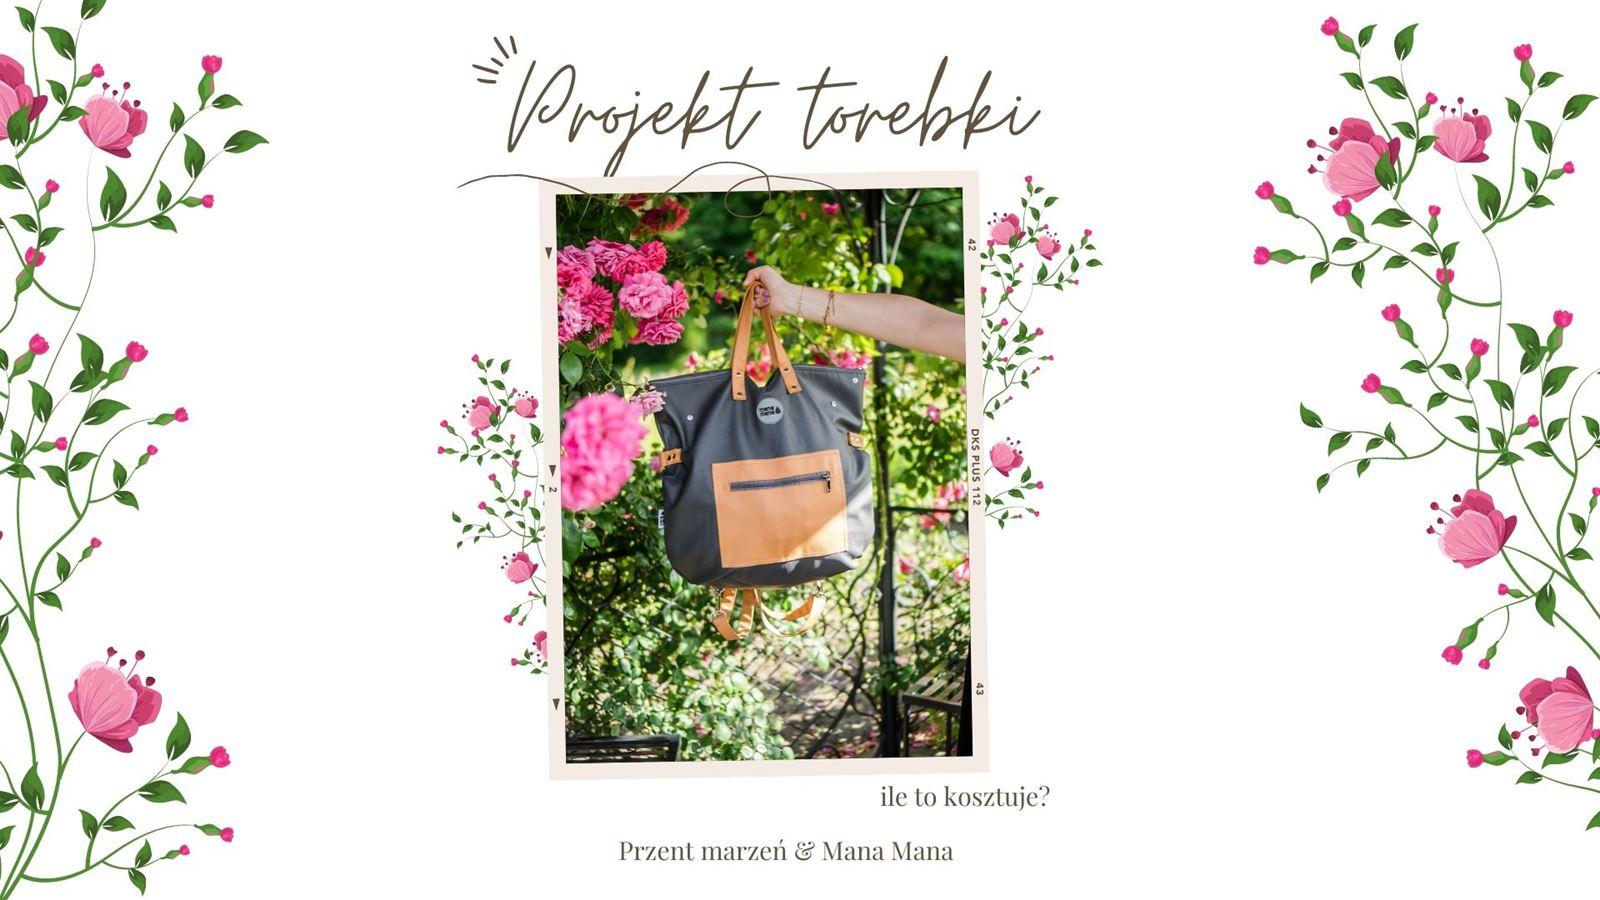 1 Jak zaprojektować własną torebkę. Szycie torebek według swojego projektu. Prezent marzeń - pomysł na niebanalny prezent dla blogerki, dziewczyny, mamy, siostry, koleżanki, przyjaciółki. Torebki polska marka MANA MANA jakośc opinie, gdzie kupić, ile kosztuje